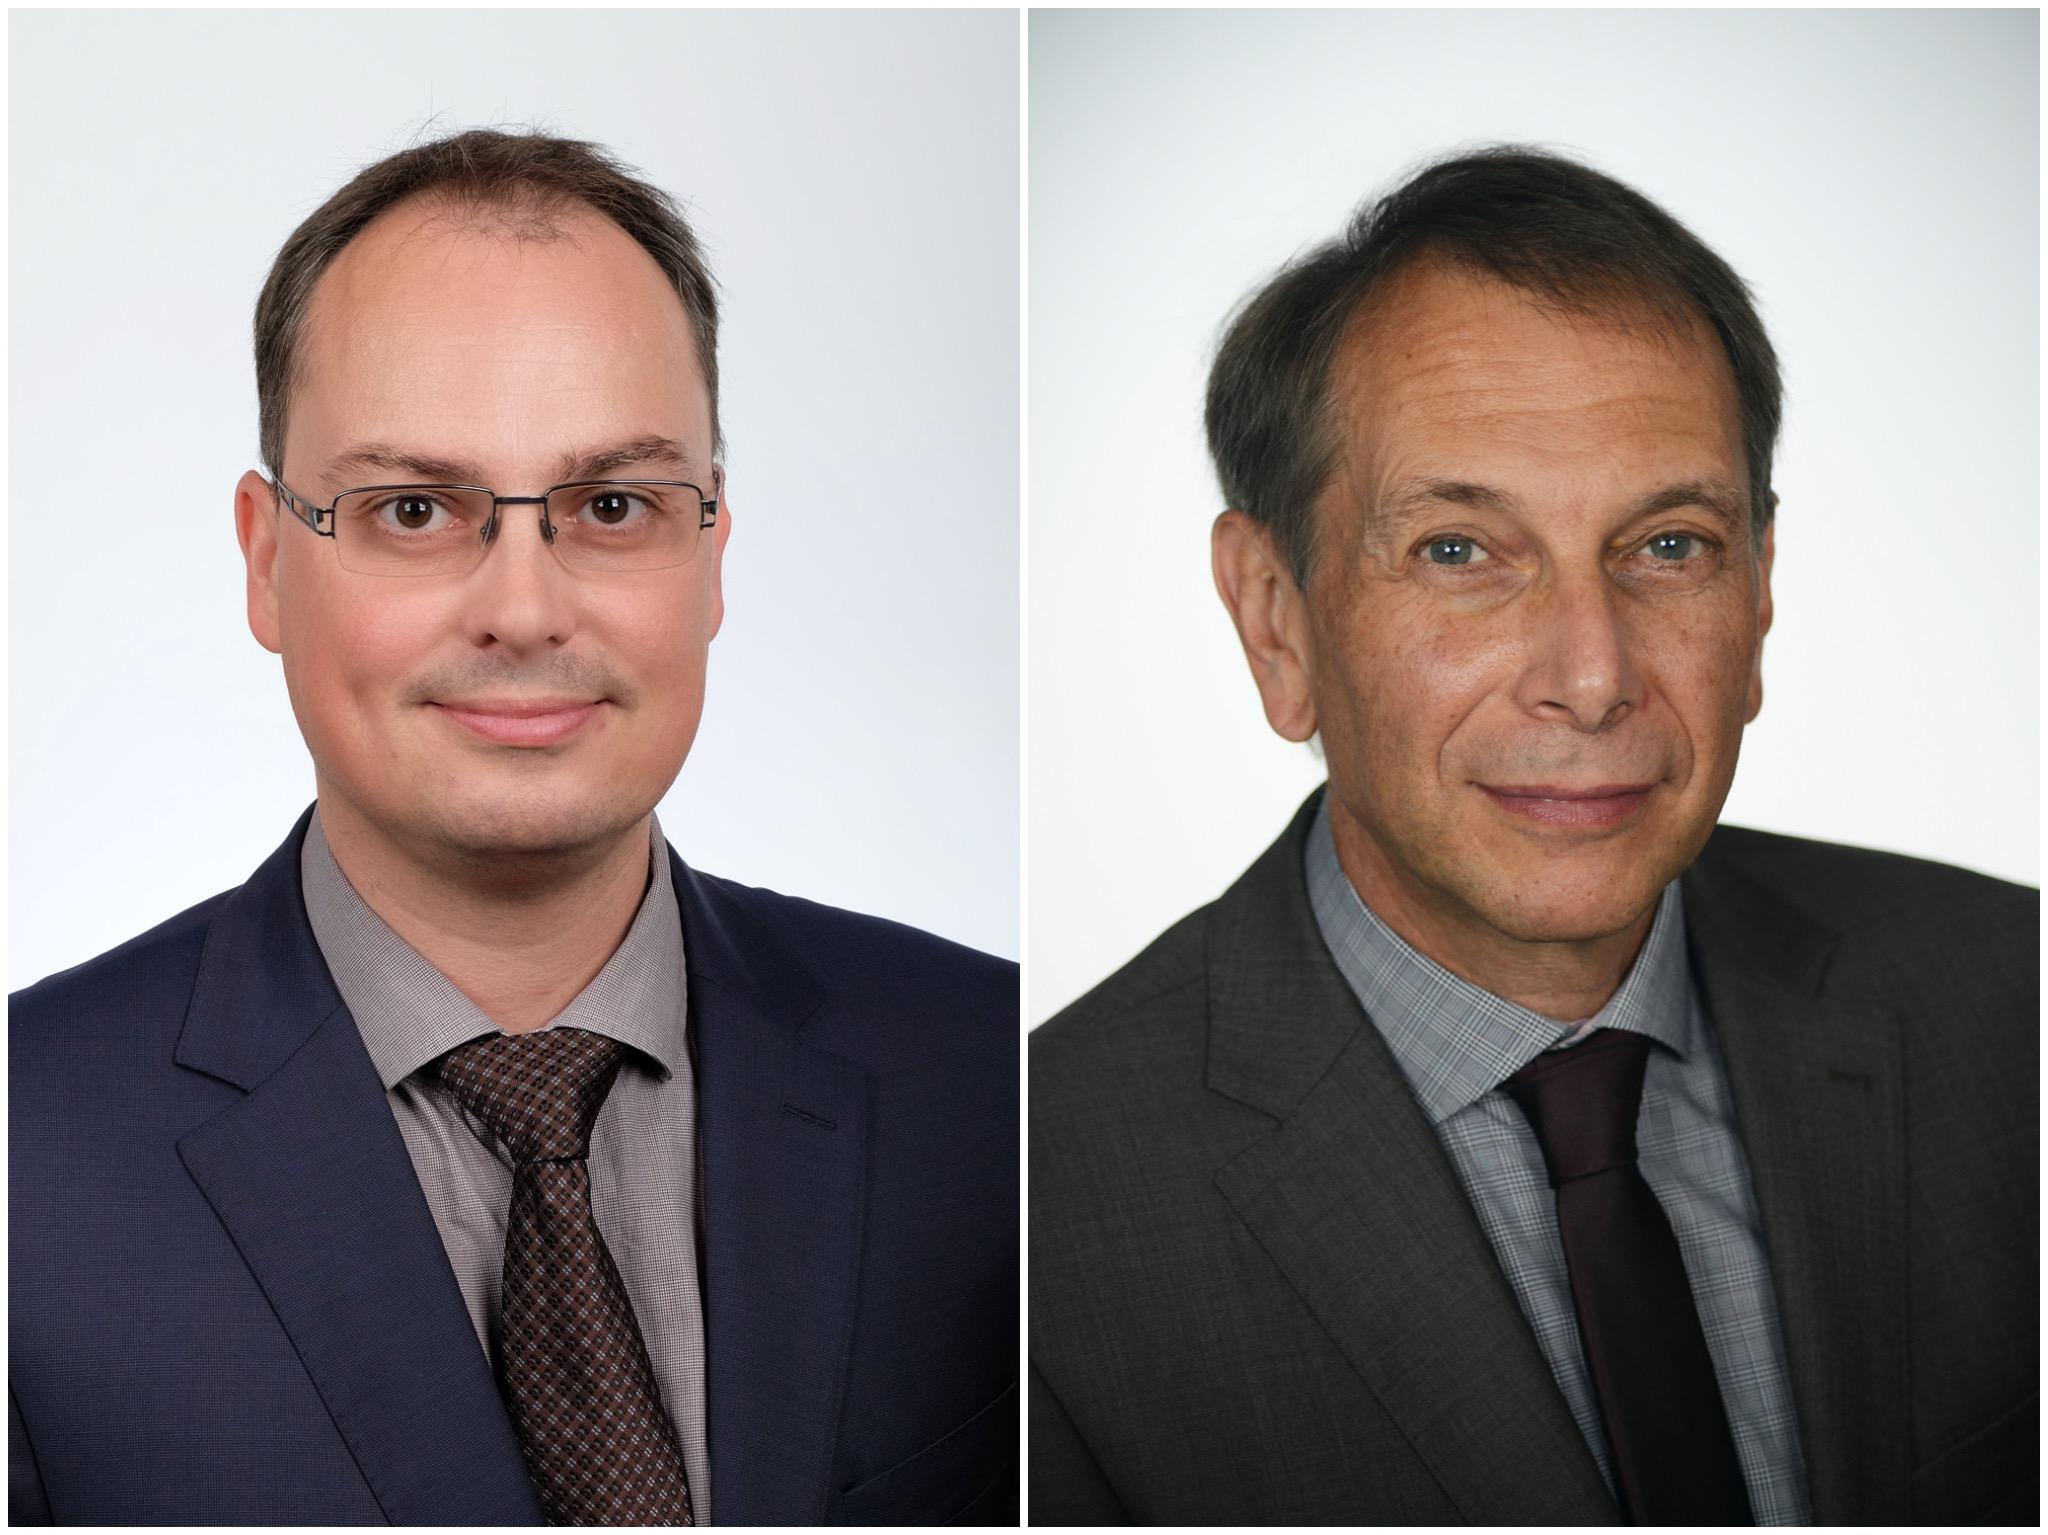 Dr. Gregor Simenc, Betriebsarzt SKF GmbH (links) und Harald Speck, Geschäftsführer und Arbeitsdirektor SKF GmbH. Fotos: SKF